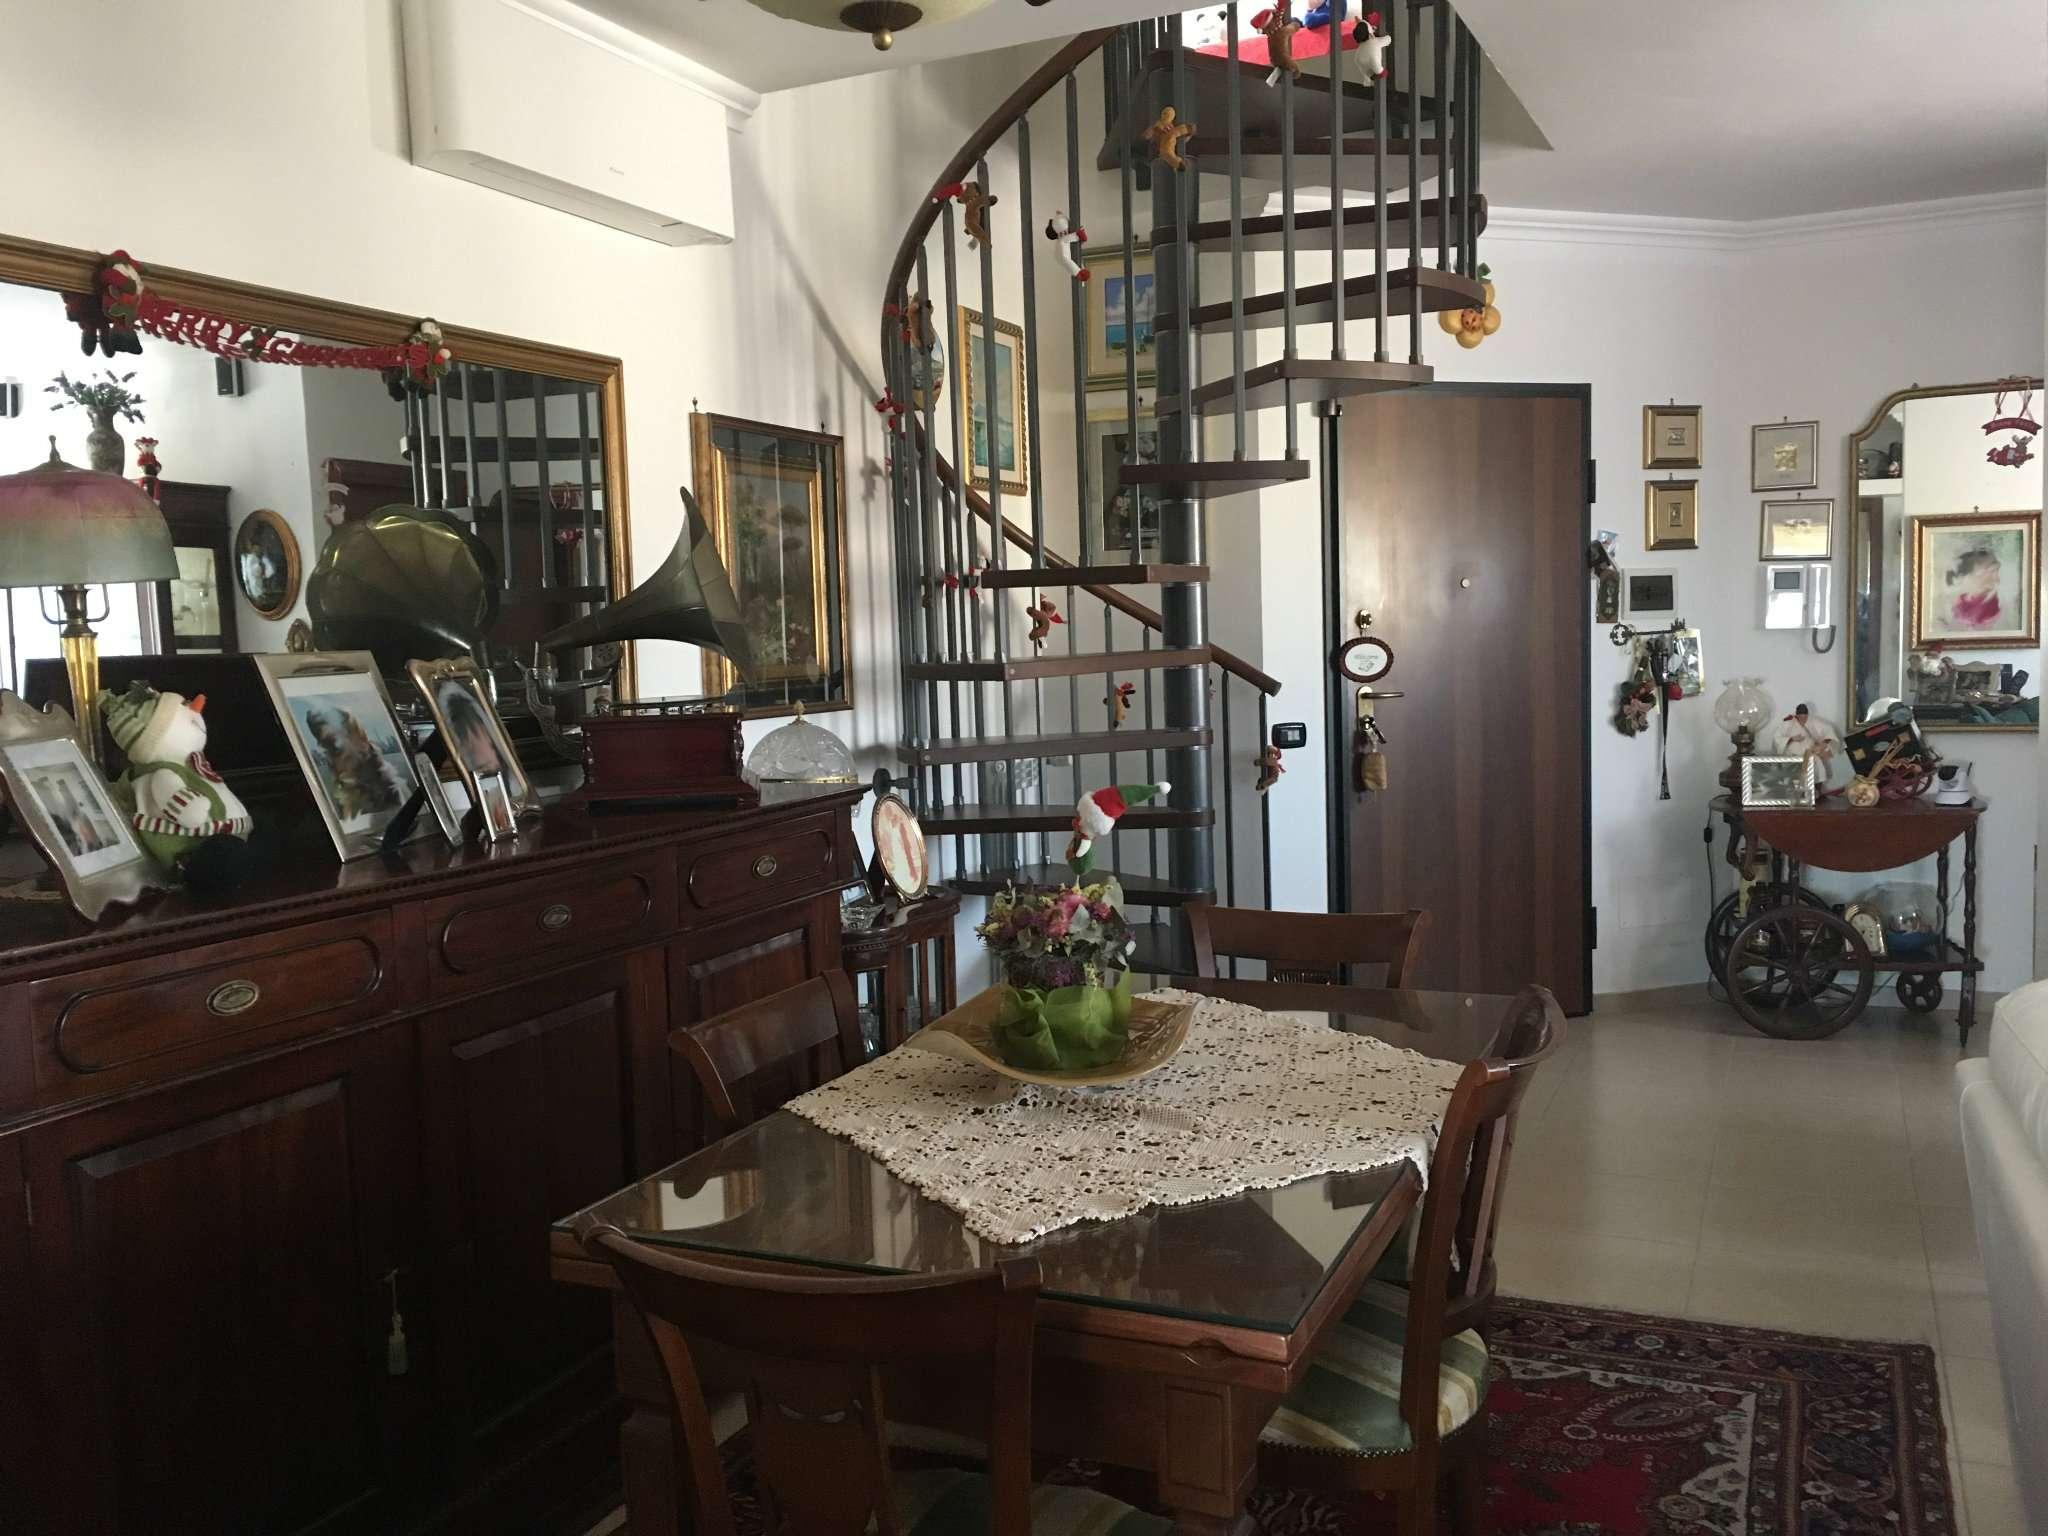 Attico / Mansarda in vendita a Guidonia Montecelio, 3 locali, prezzo € 299.000 | Cambio Casa.it